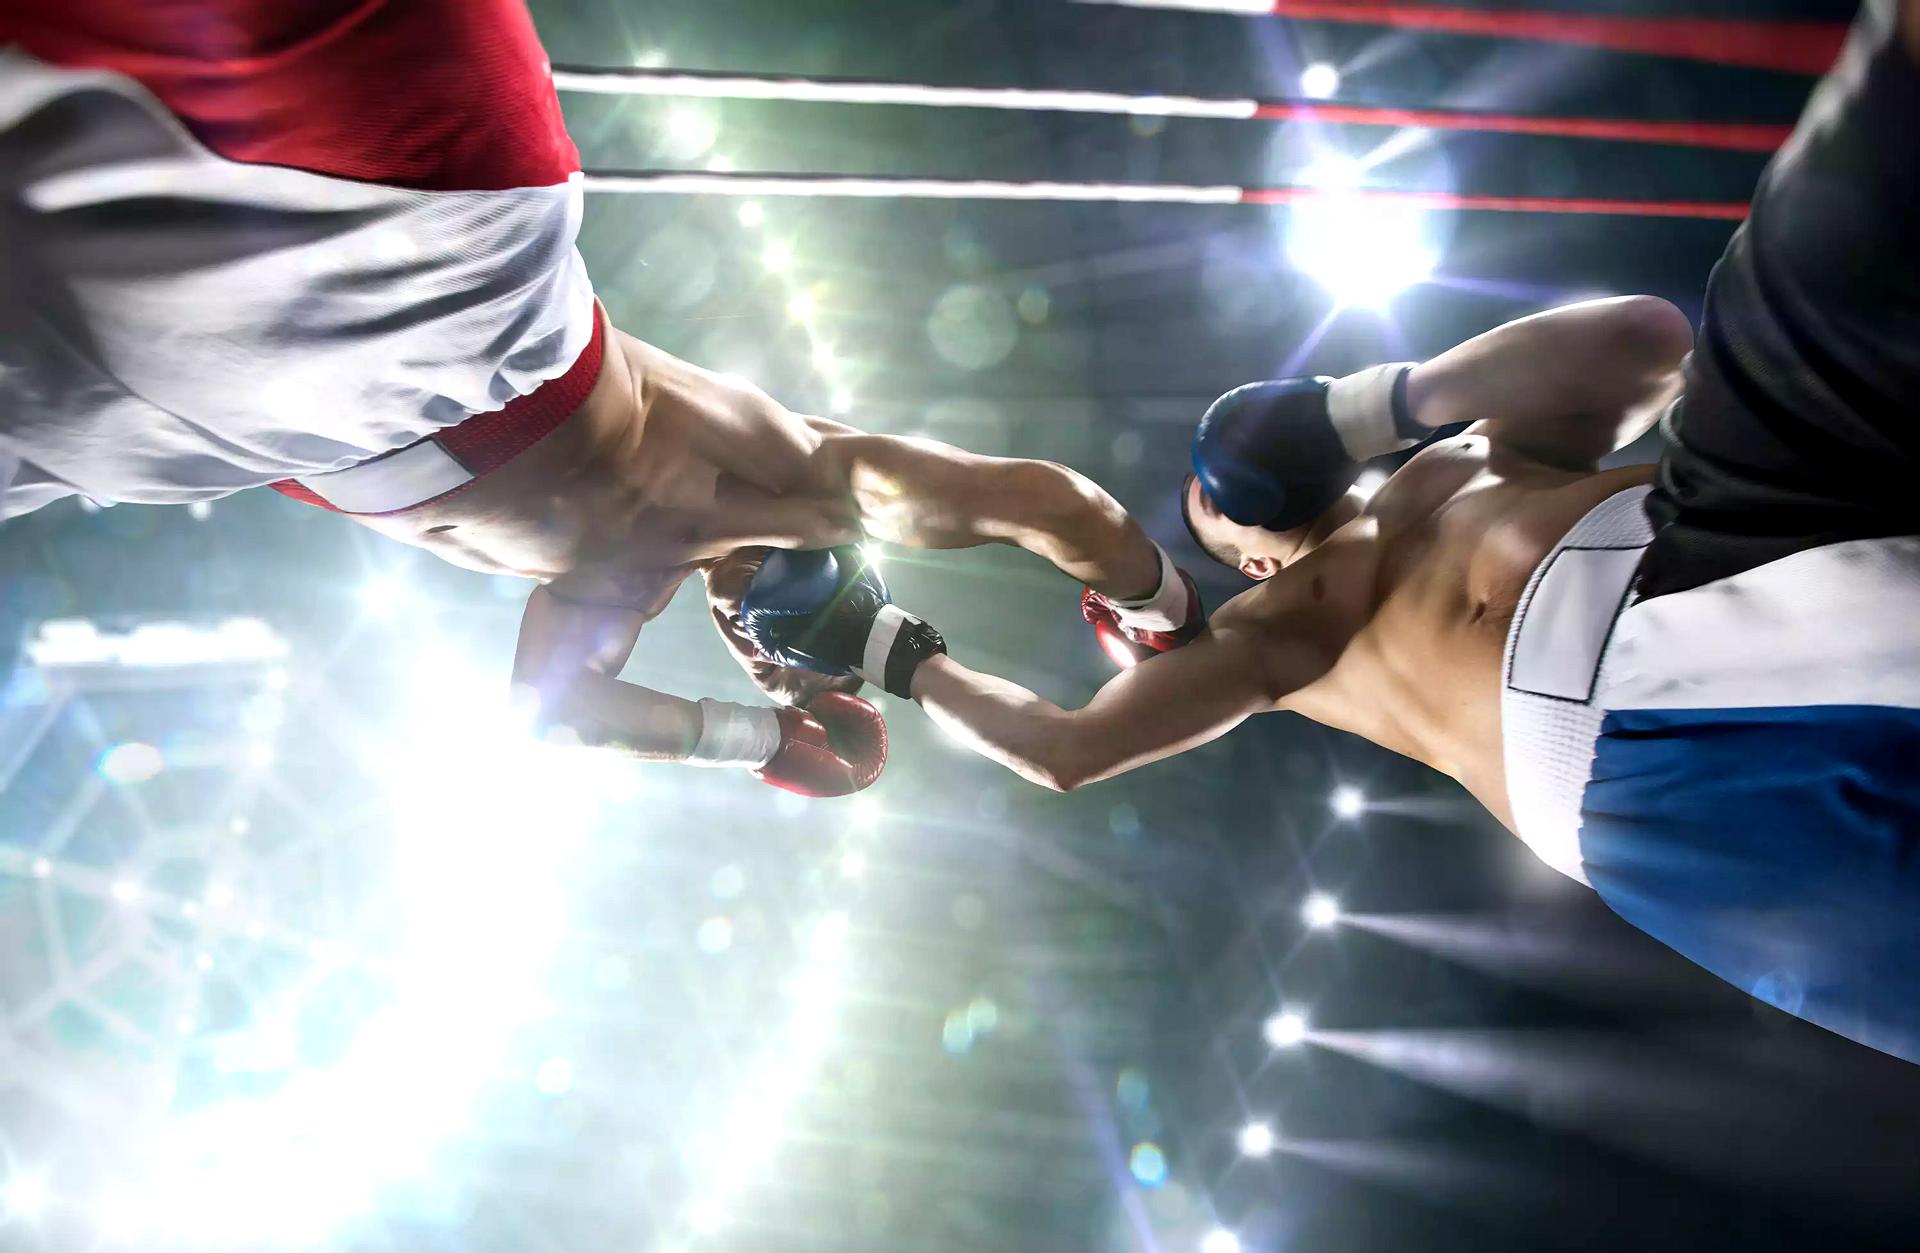 07_boxing match - 1920-1250